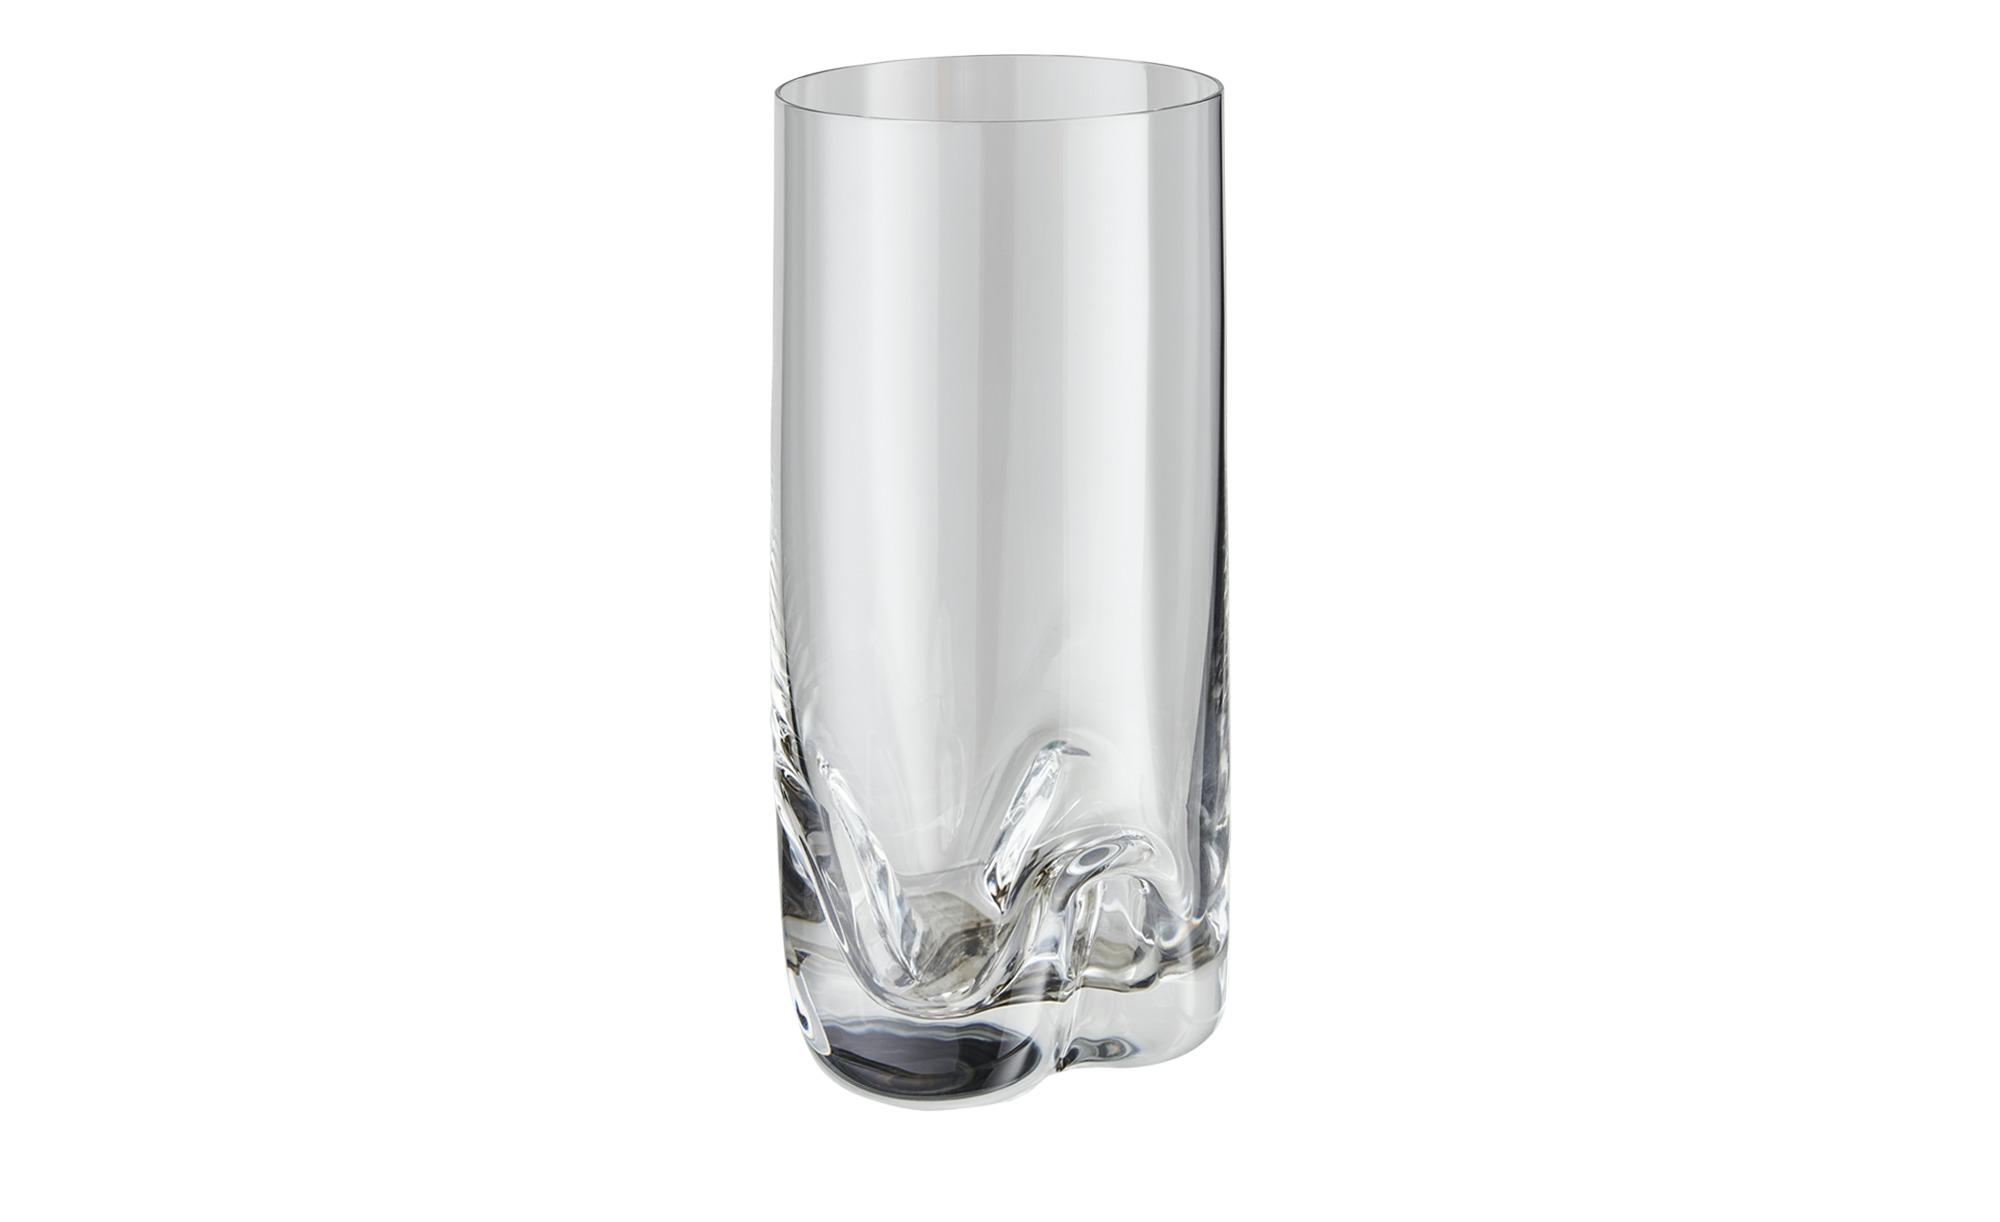 Longdrinkglas mit Eisboden